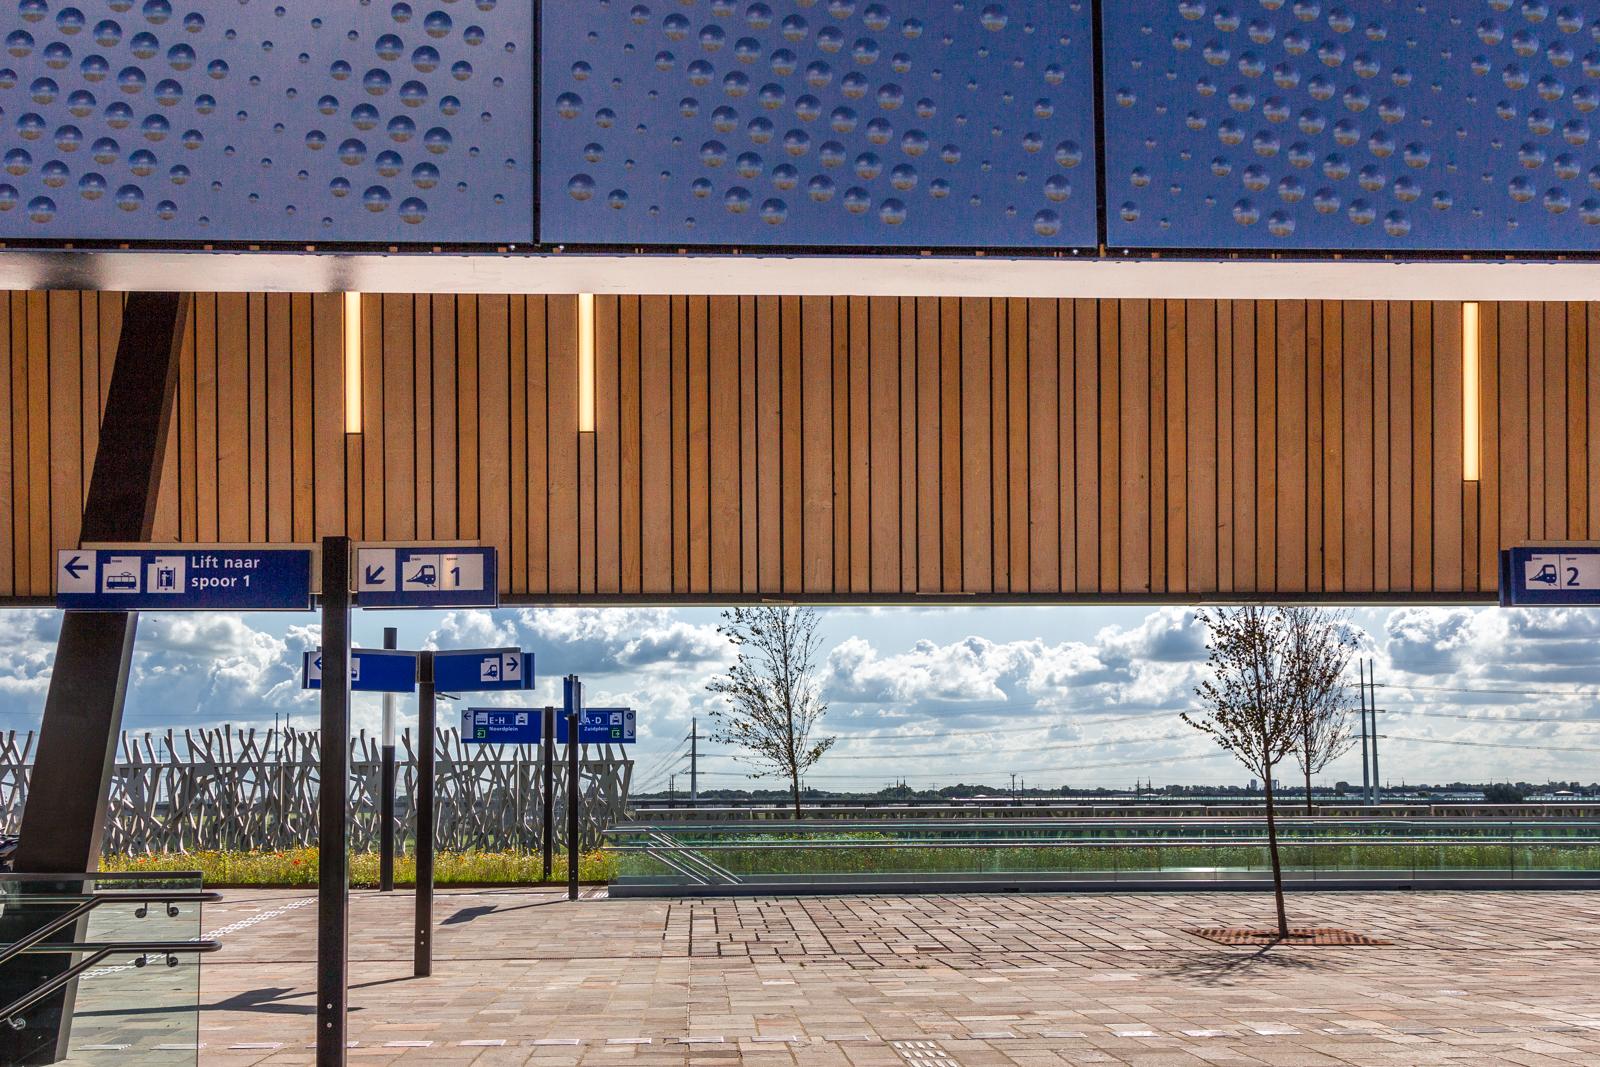 station-lansingerland-zoetermeer-7433